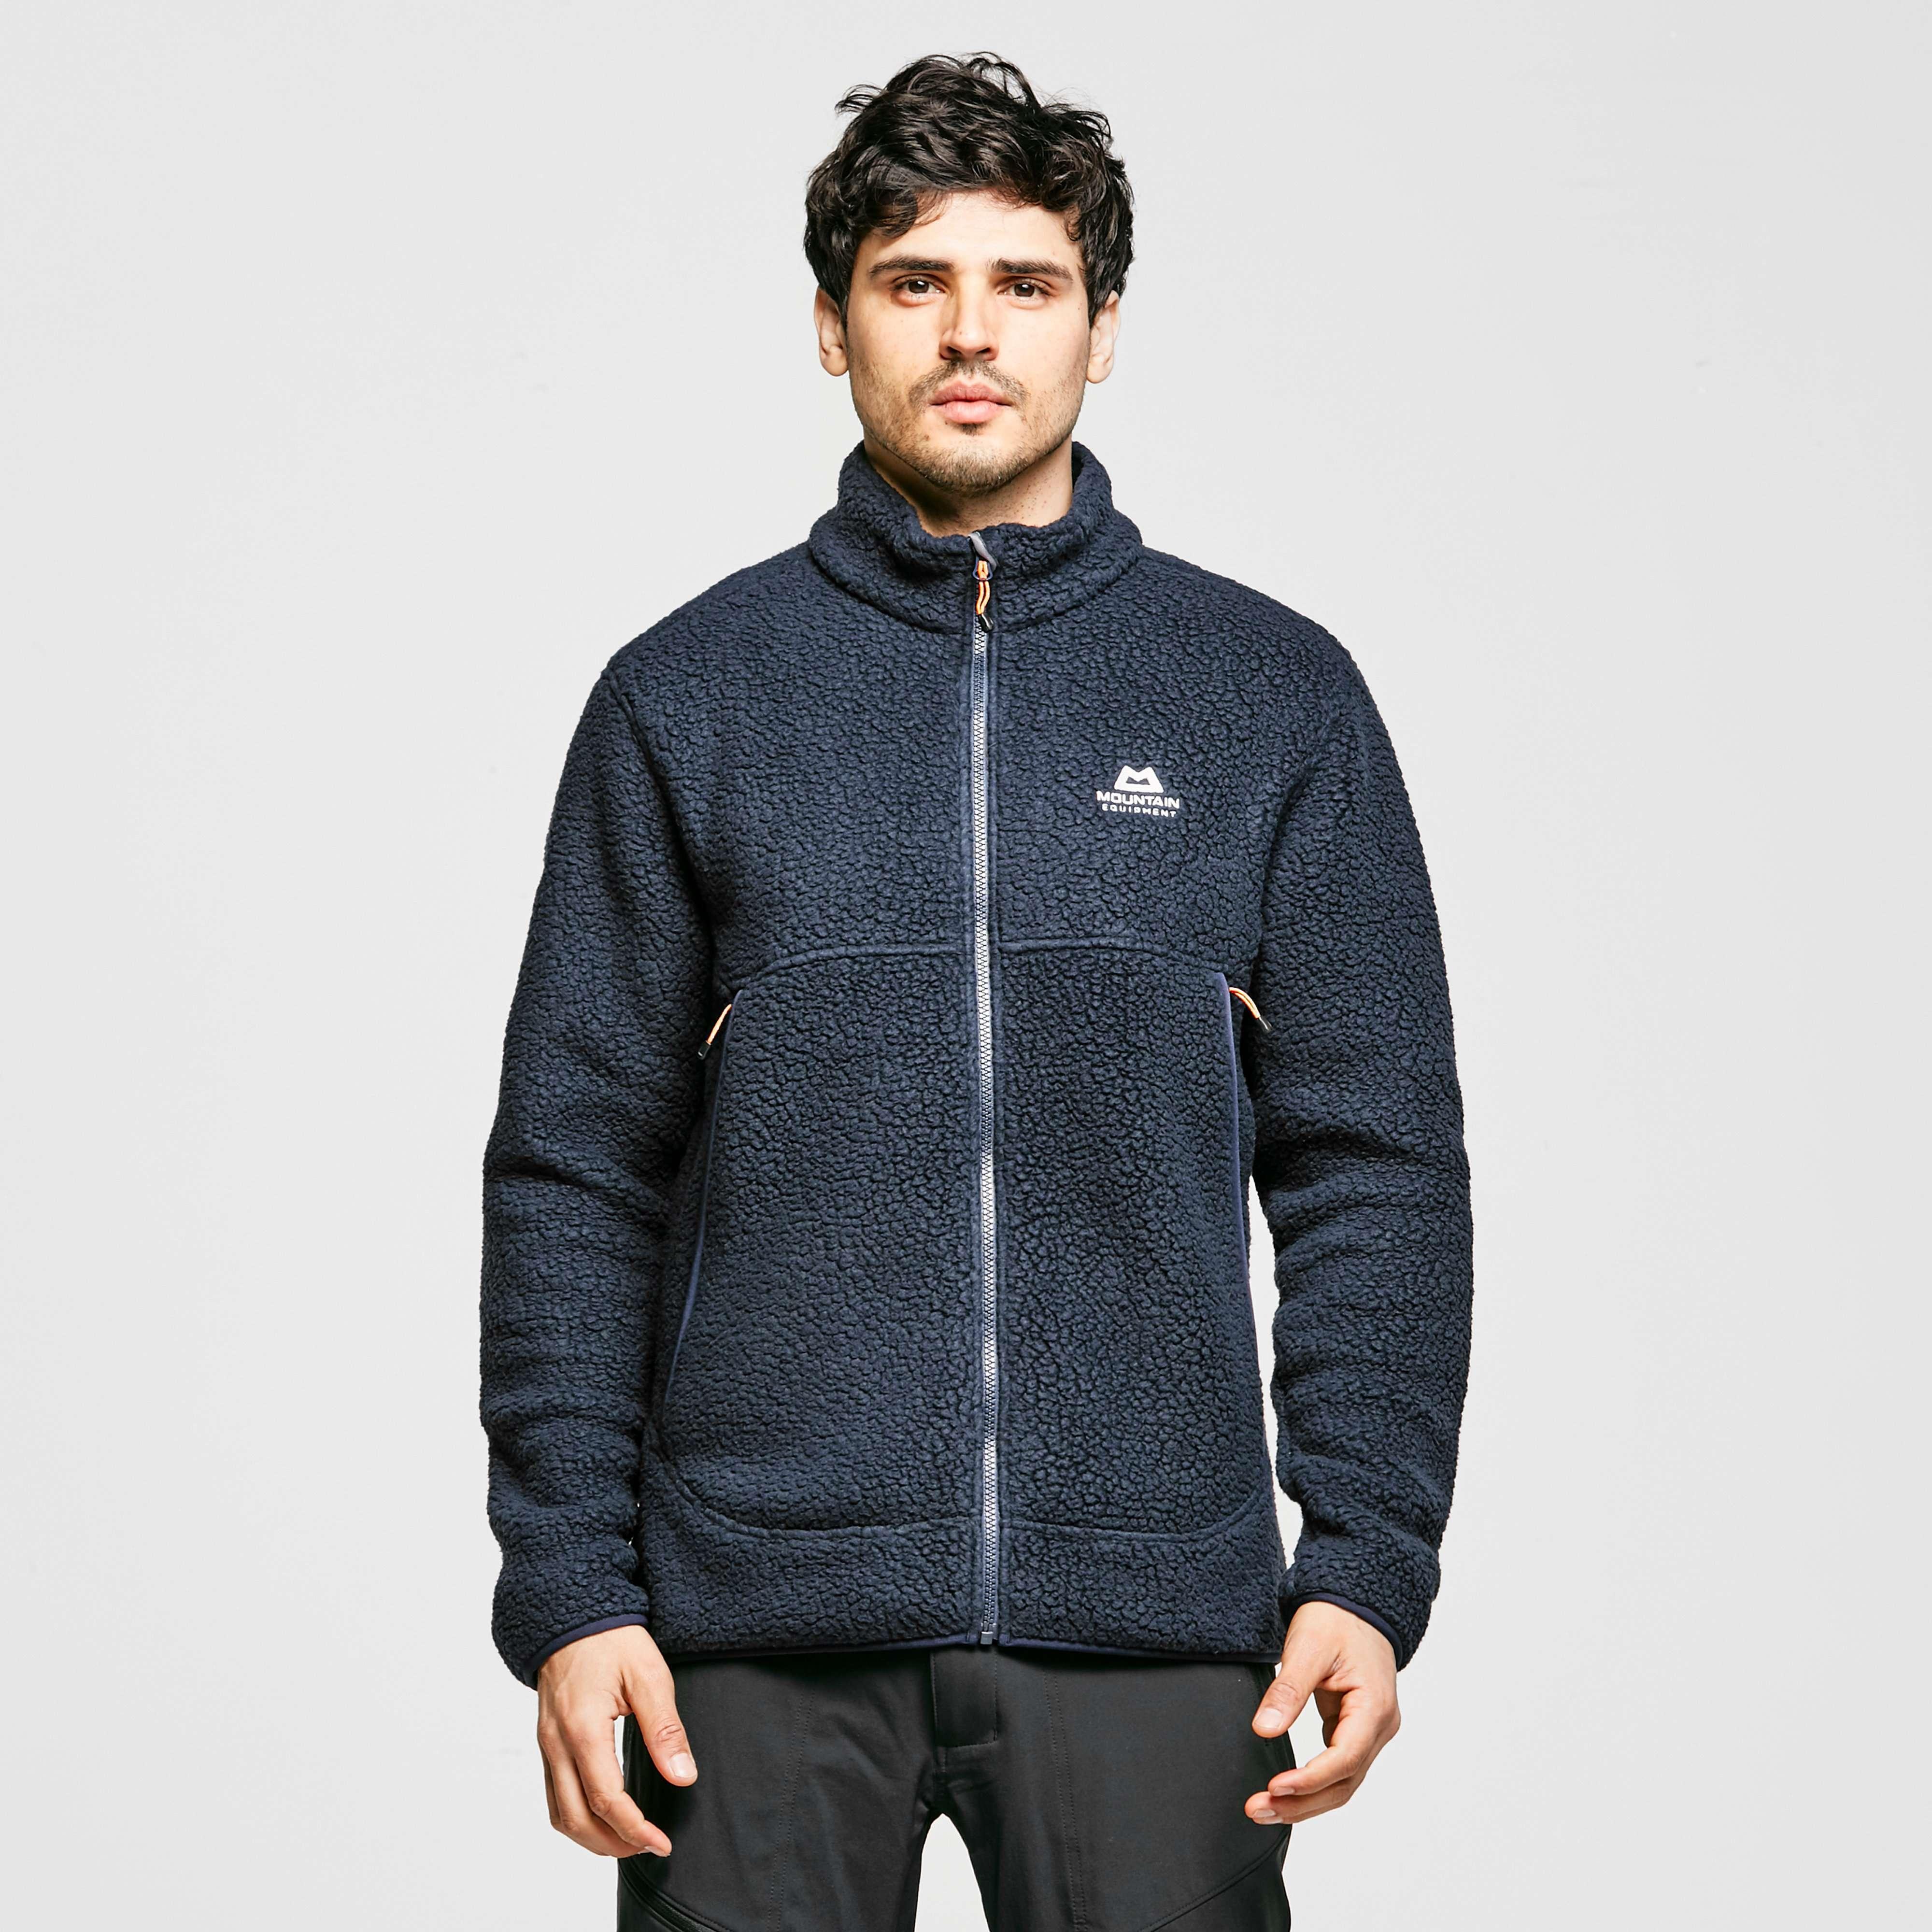 MOUNTAIN EQUIPMENT Men's Moreno Full-Zip Fleece